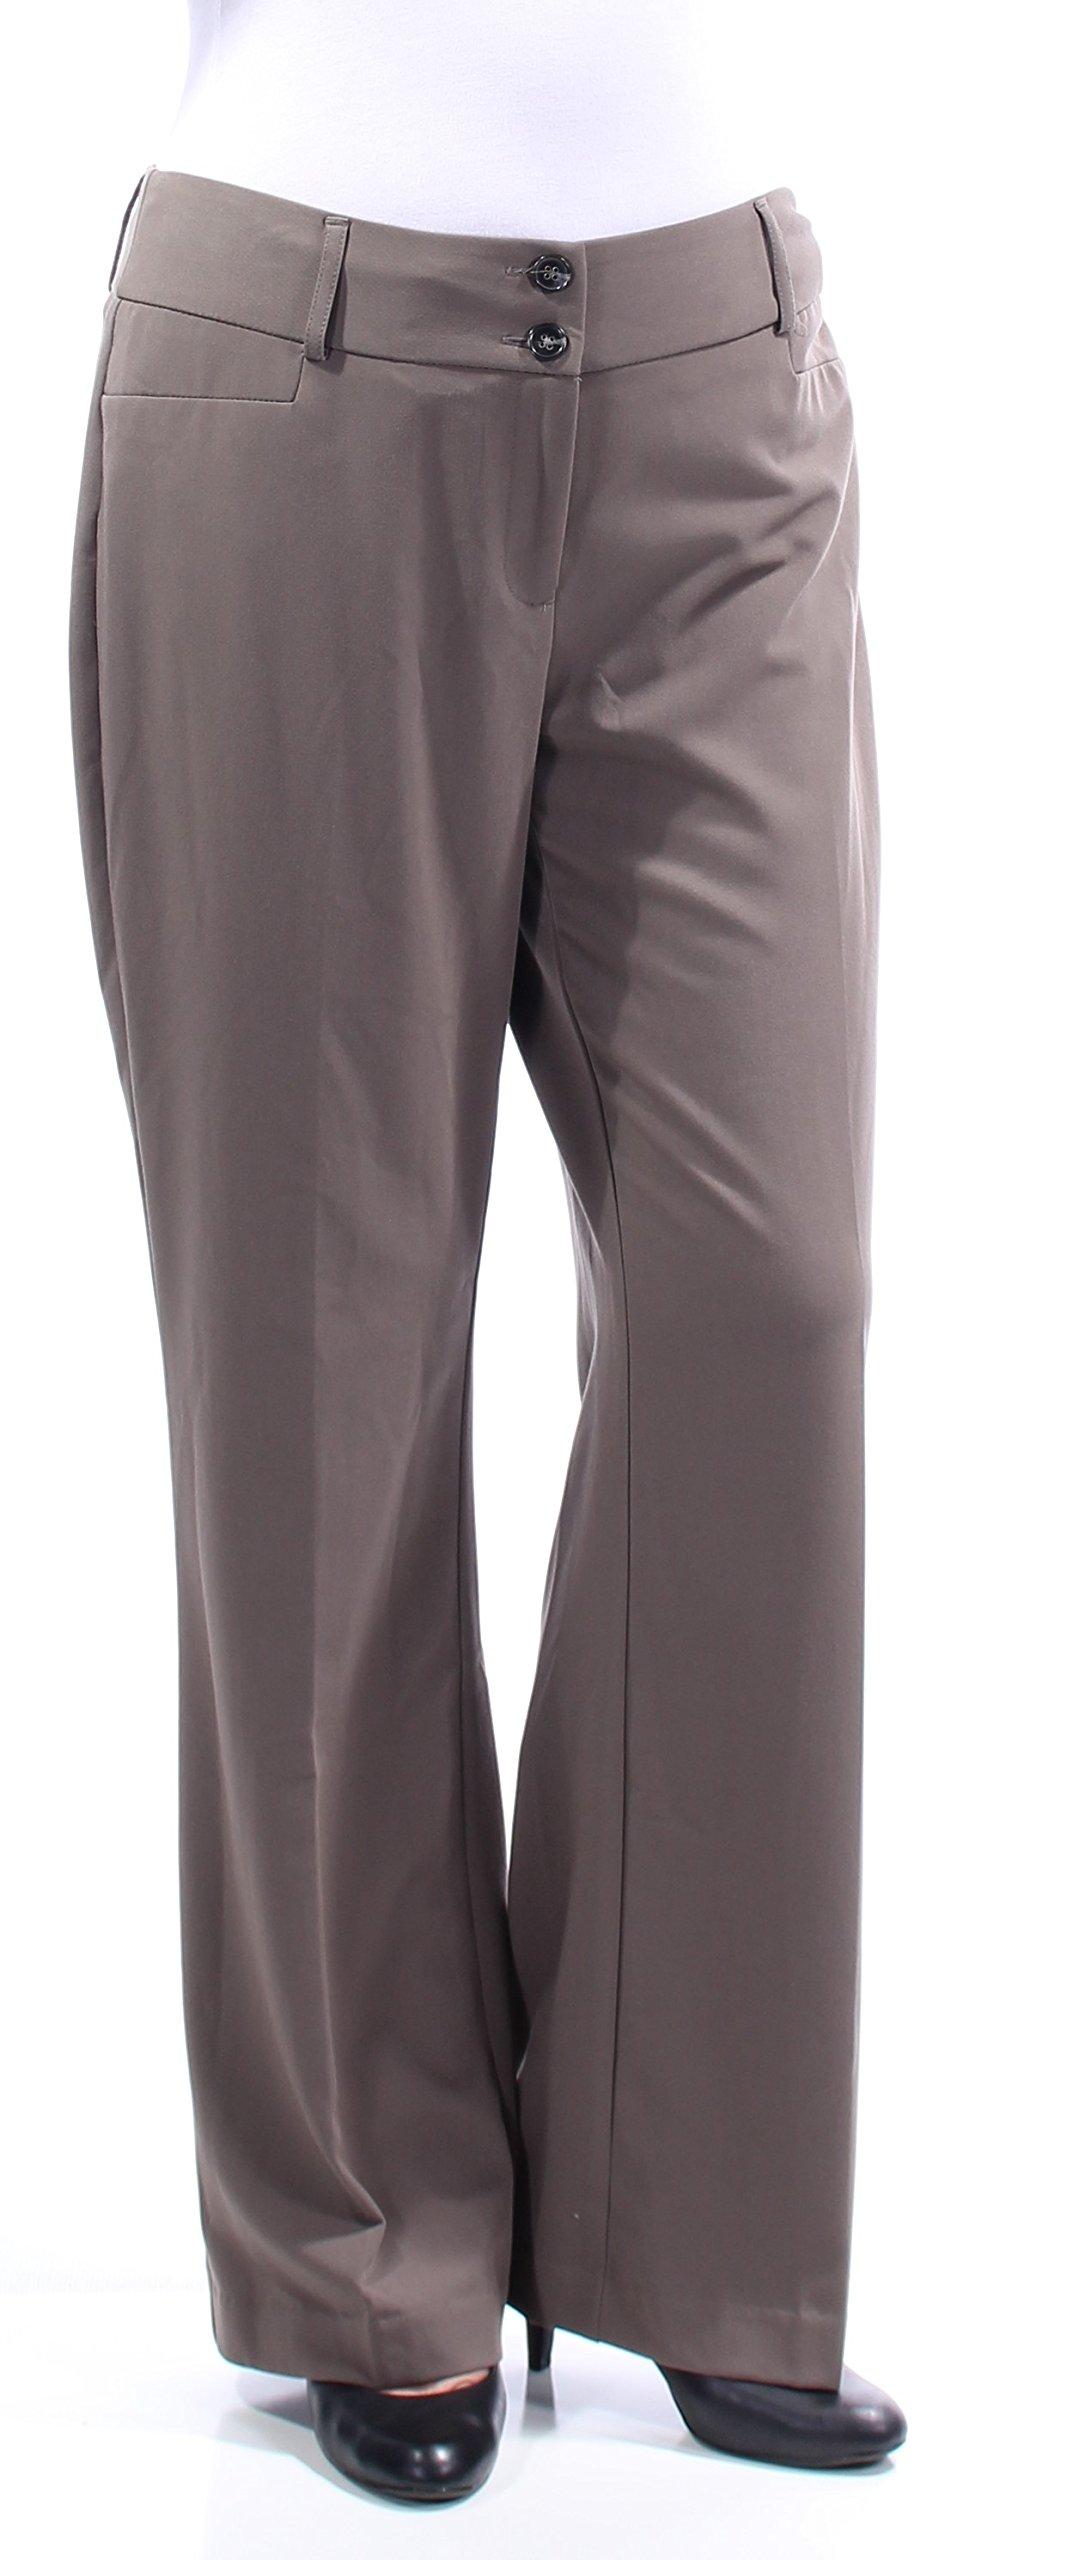 Alfani Womens Stretch Flat Front Dress Pants Beige 10